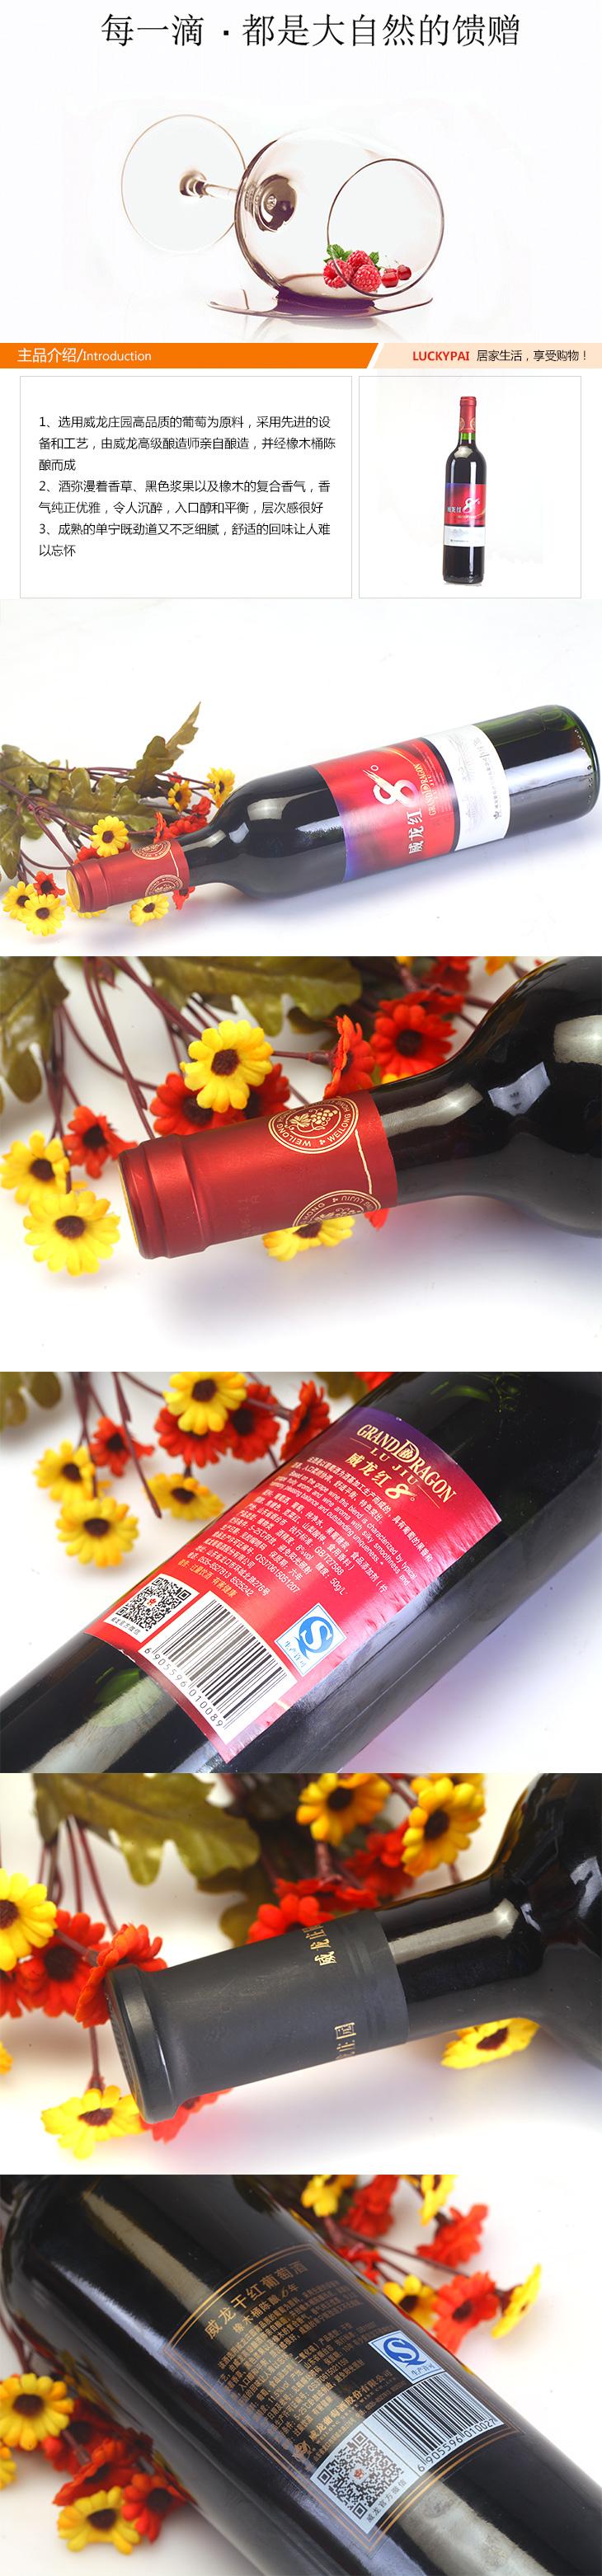 威龙橡木桶6年葡萄酒6+6套组